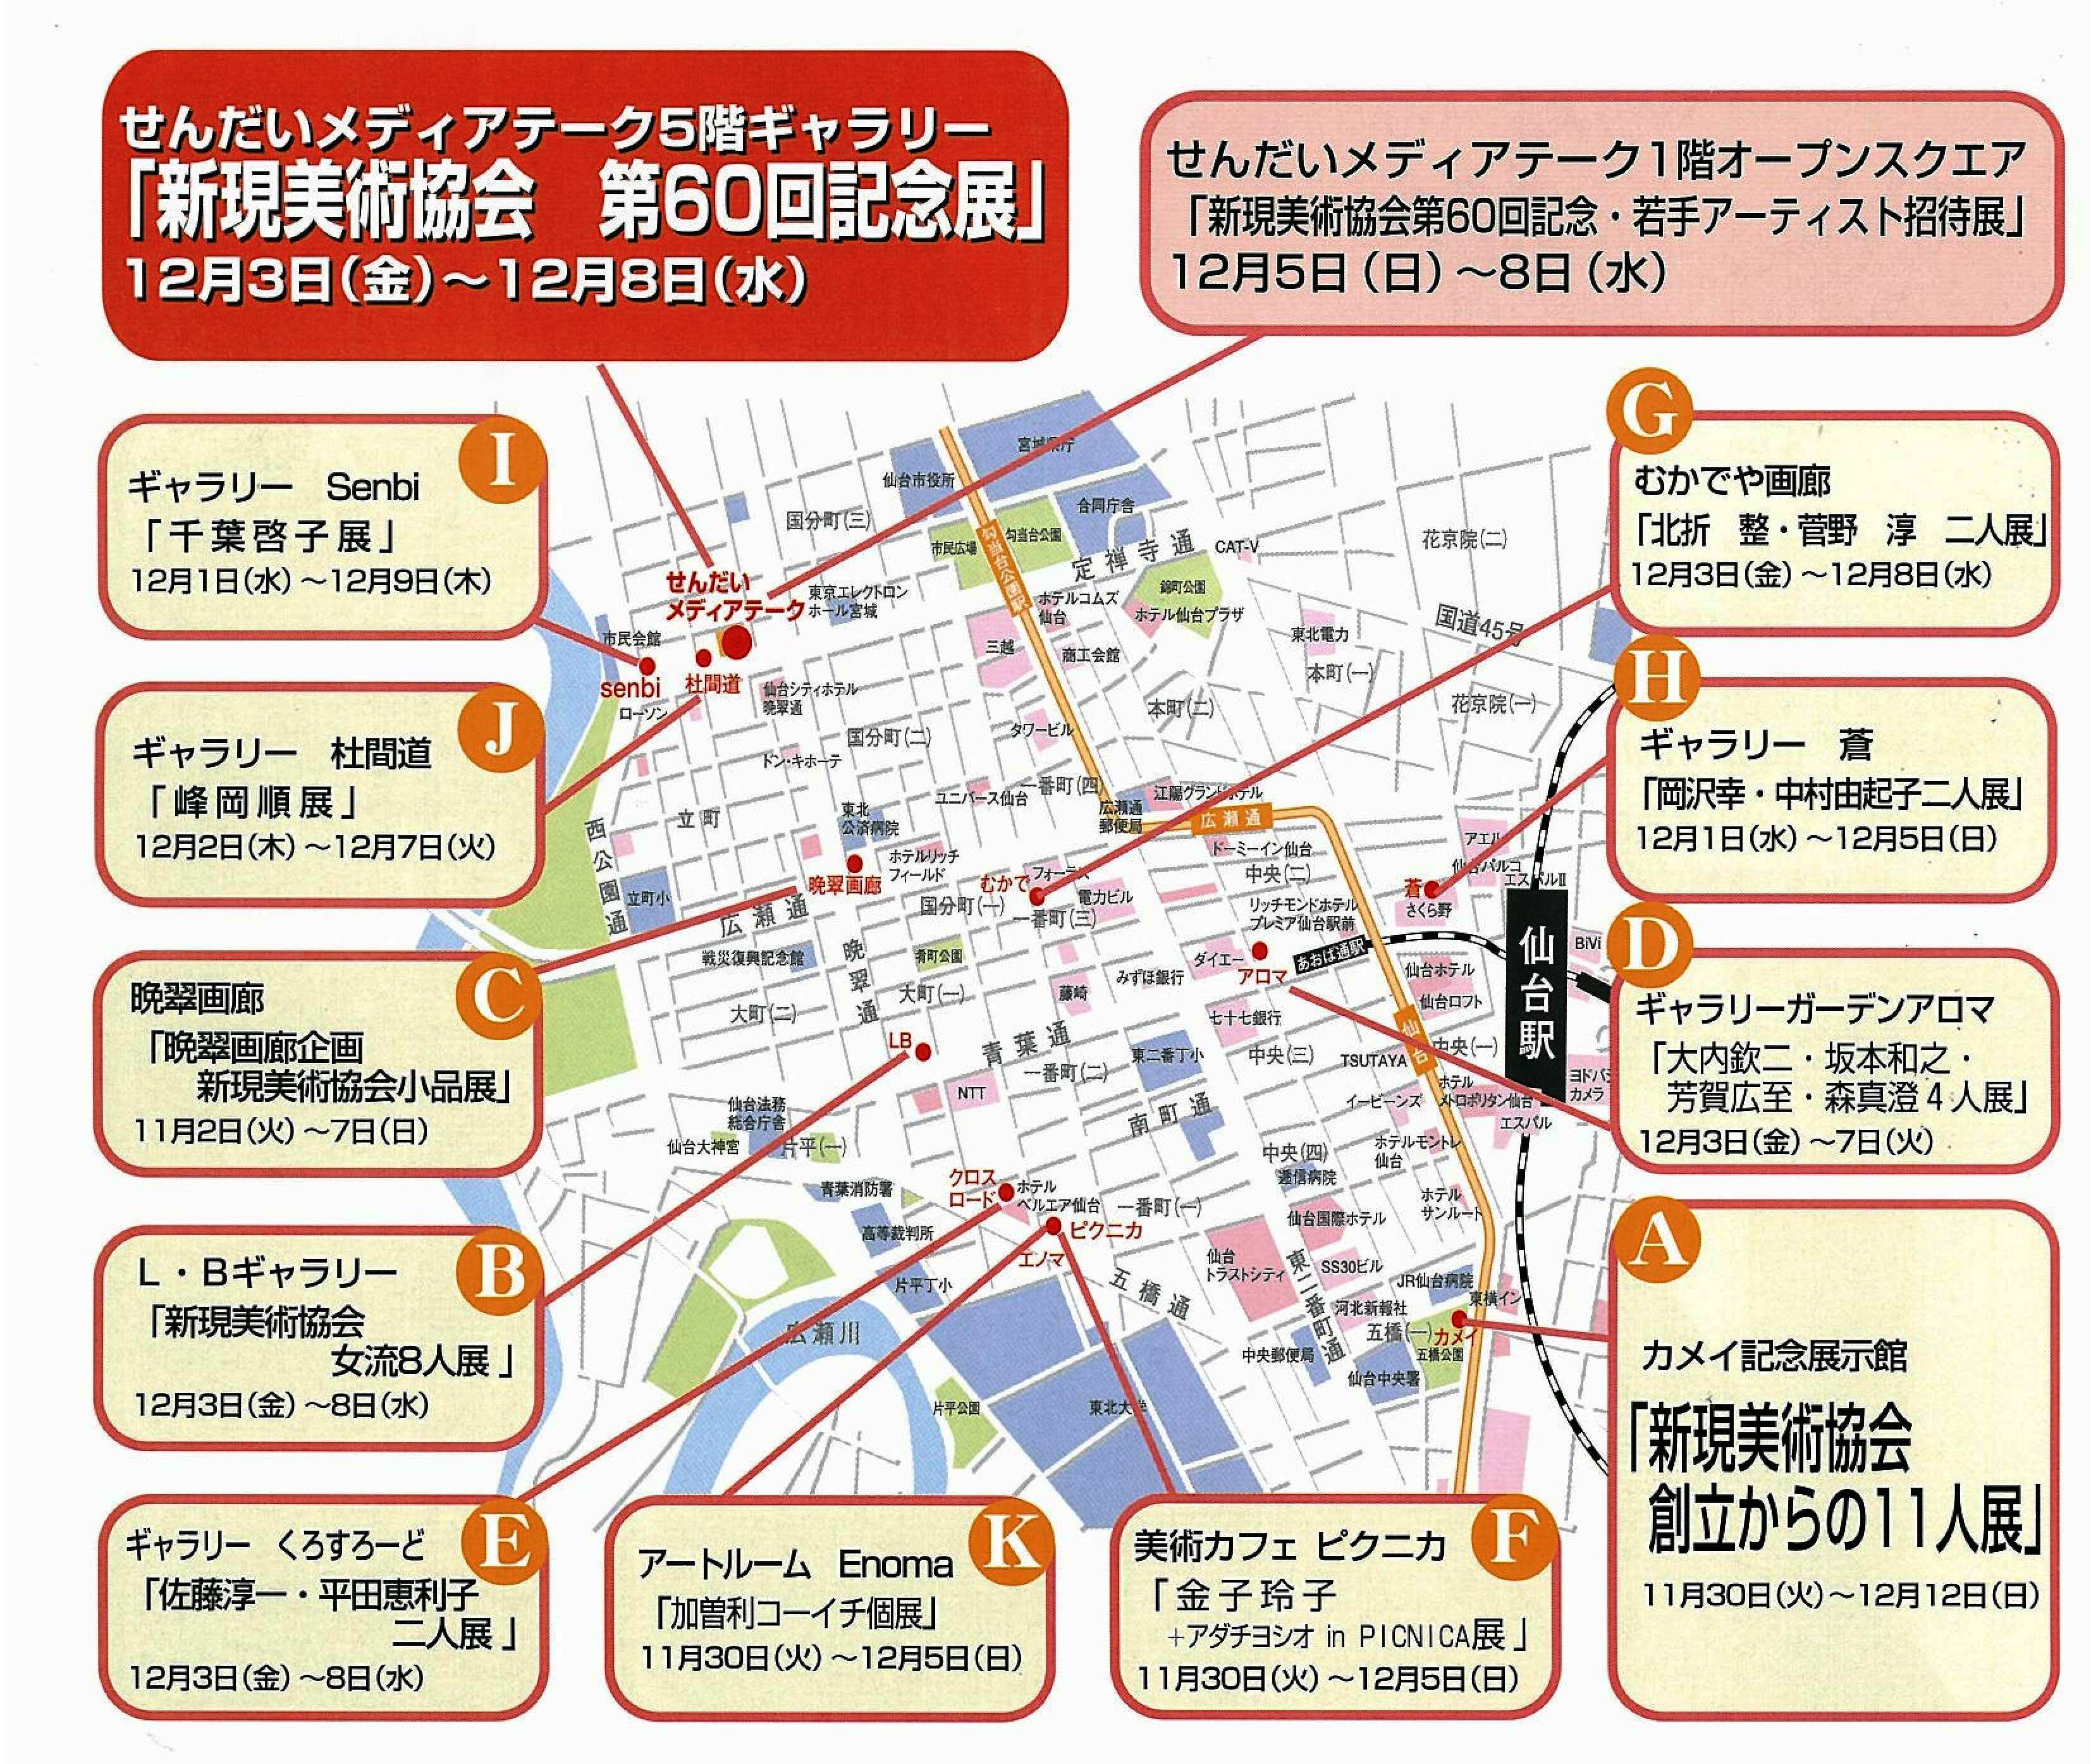 http://www.kameimuseum.or.jp/topics/2010/11/14/%E6%96%B0%E7%8F%BE%E7%BE%8E%E3%83%81%E3%83%A9%E3%82%B73.jpg